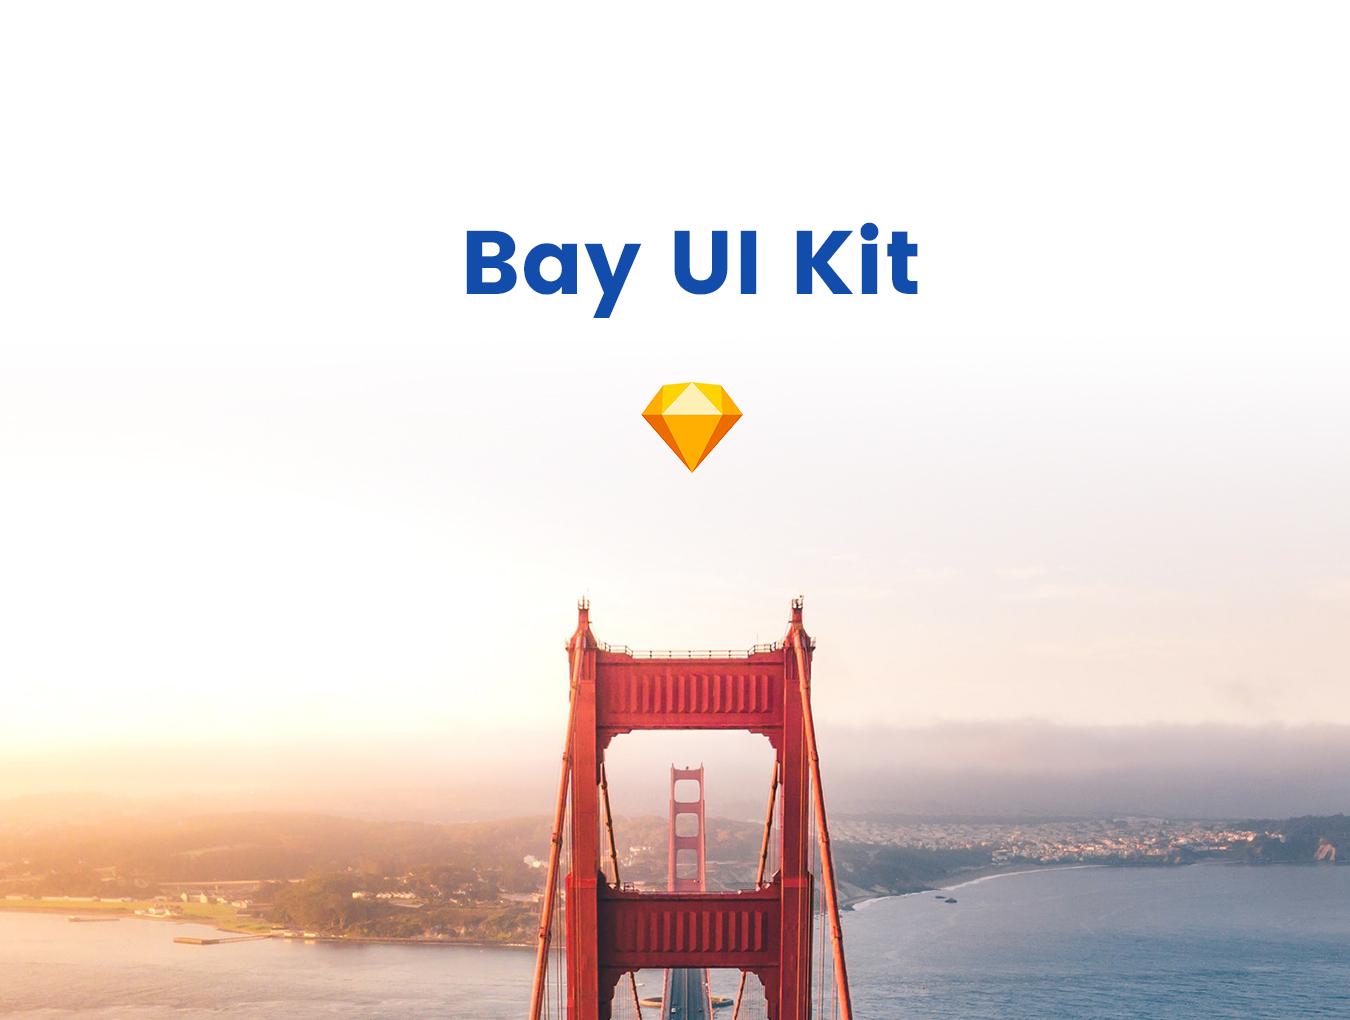 现代简约摄影设计工作室WEB网站UI界面设计模板 Bay UI Kit插图